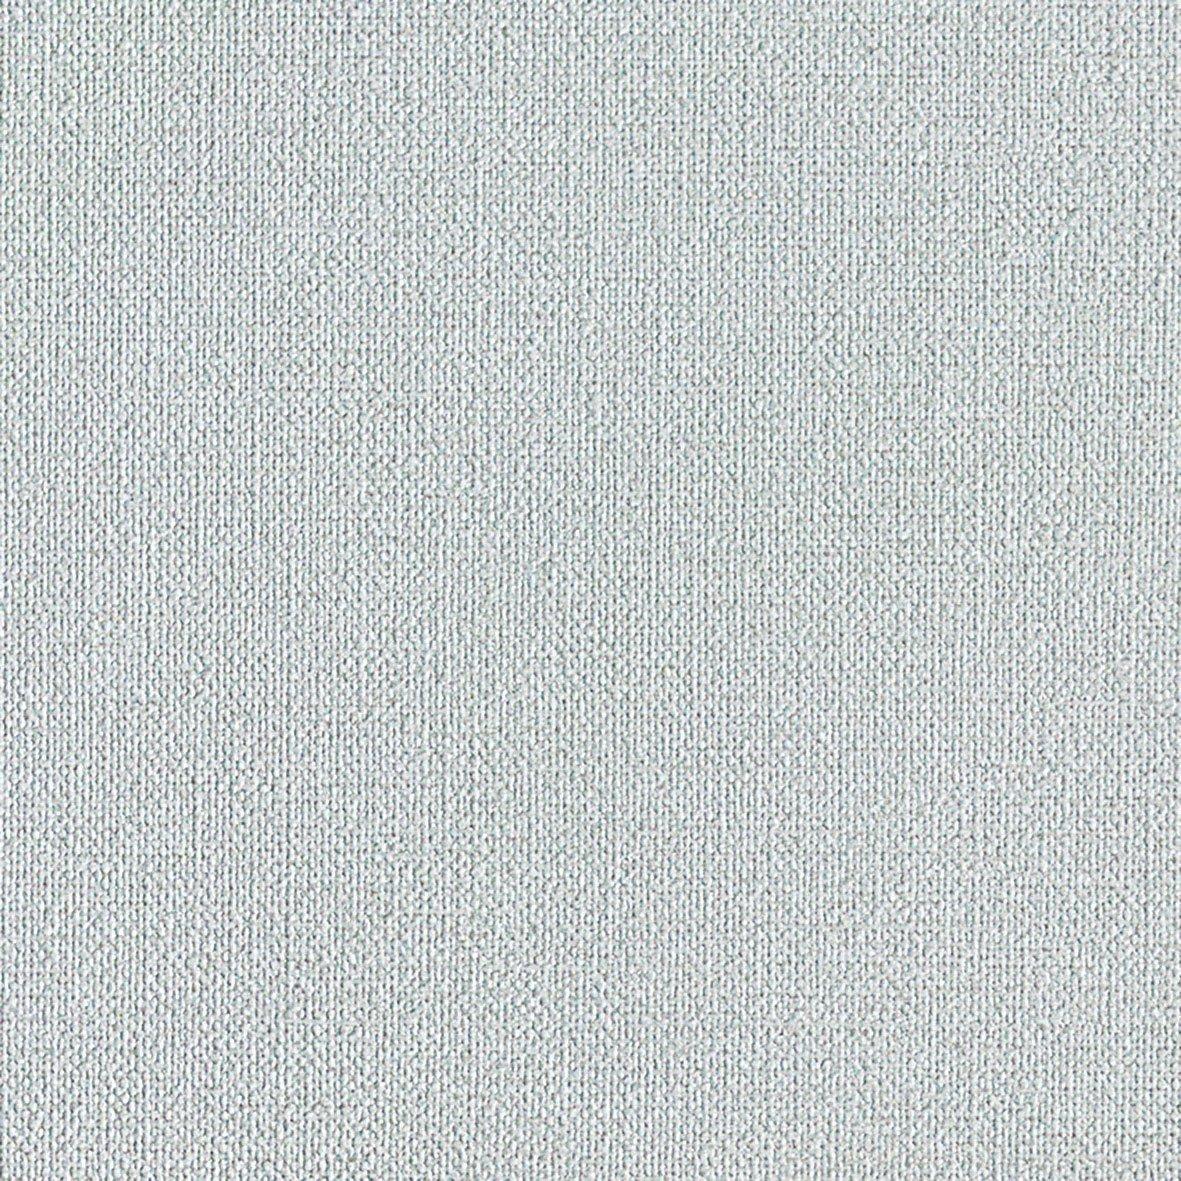 リリカラ 壁紙44m ナチュラル 織物調 ブルー 織物調 LV-6050 B01IHRSQPS 44m|ブルー